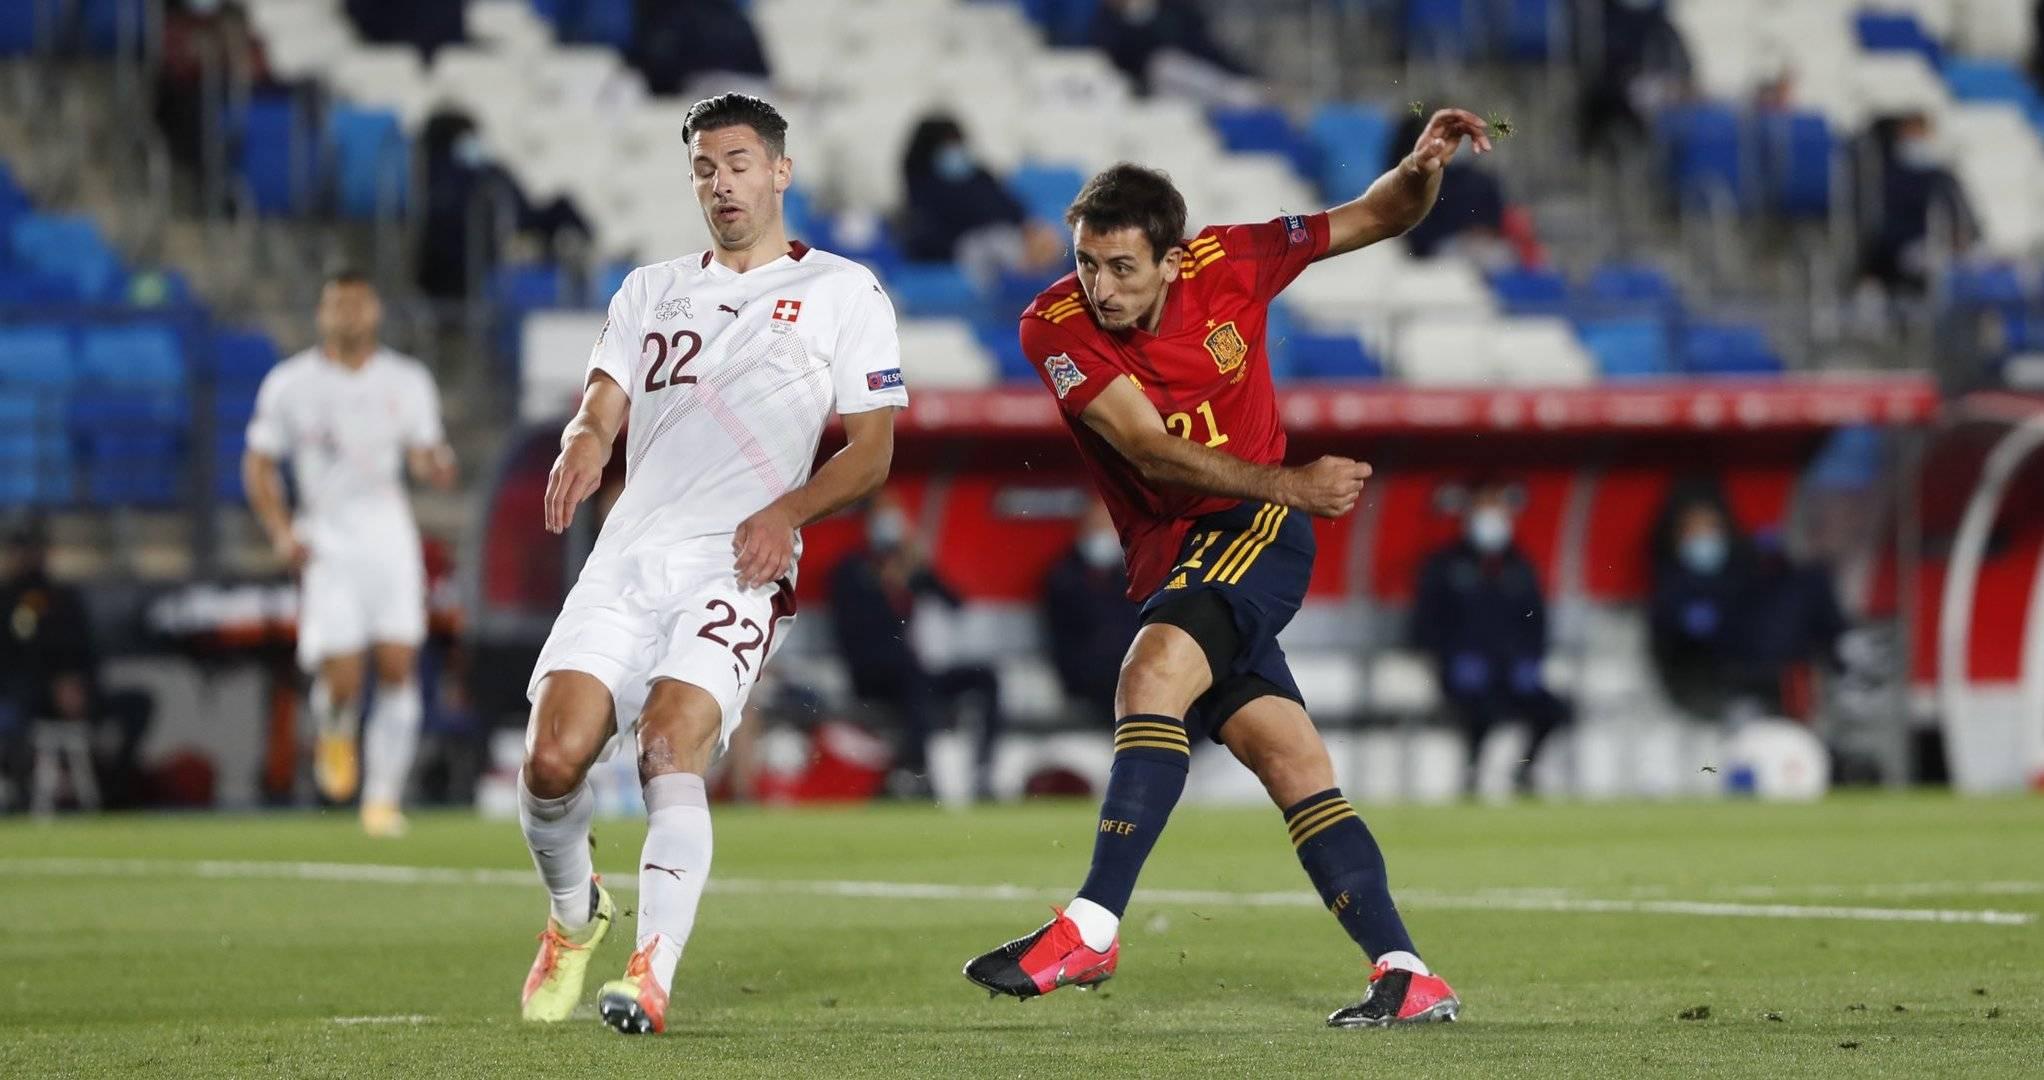 欧国联第三轮西班牙1:0瑞士,奥亚萨瓦尔打进全场唯一进球-8